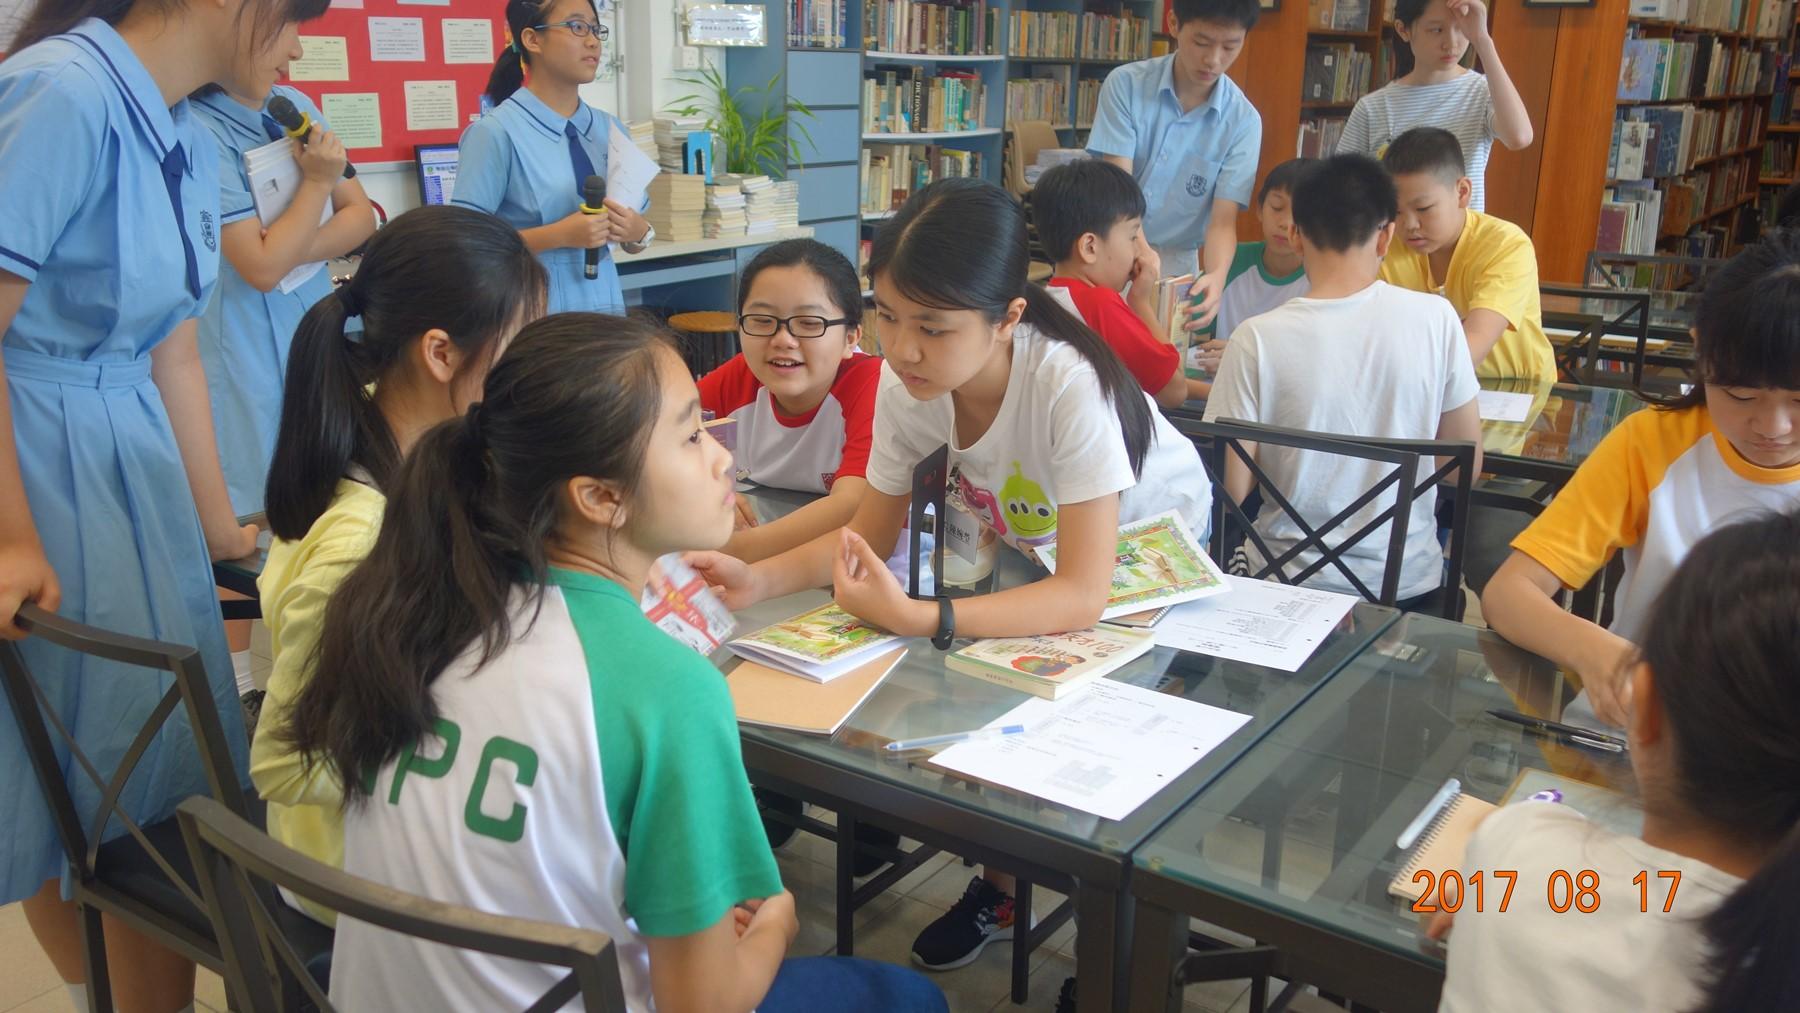 http://www.npc.edu.hk/sites/default/files/1c_kai_qi_zhi_shi_bao_ku_zhi_men_20170817_02.jpg